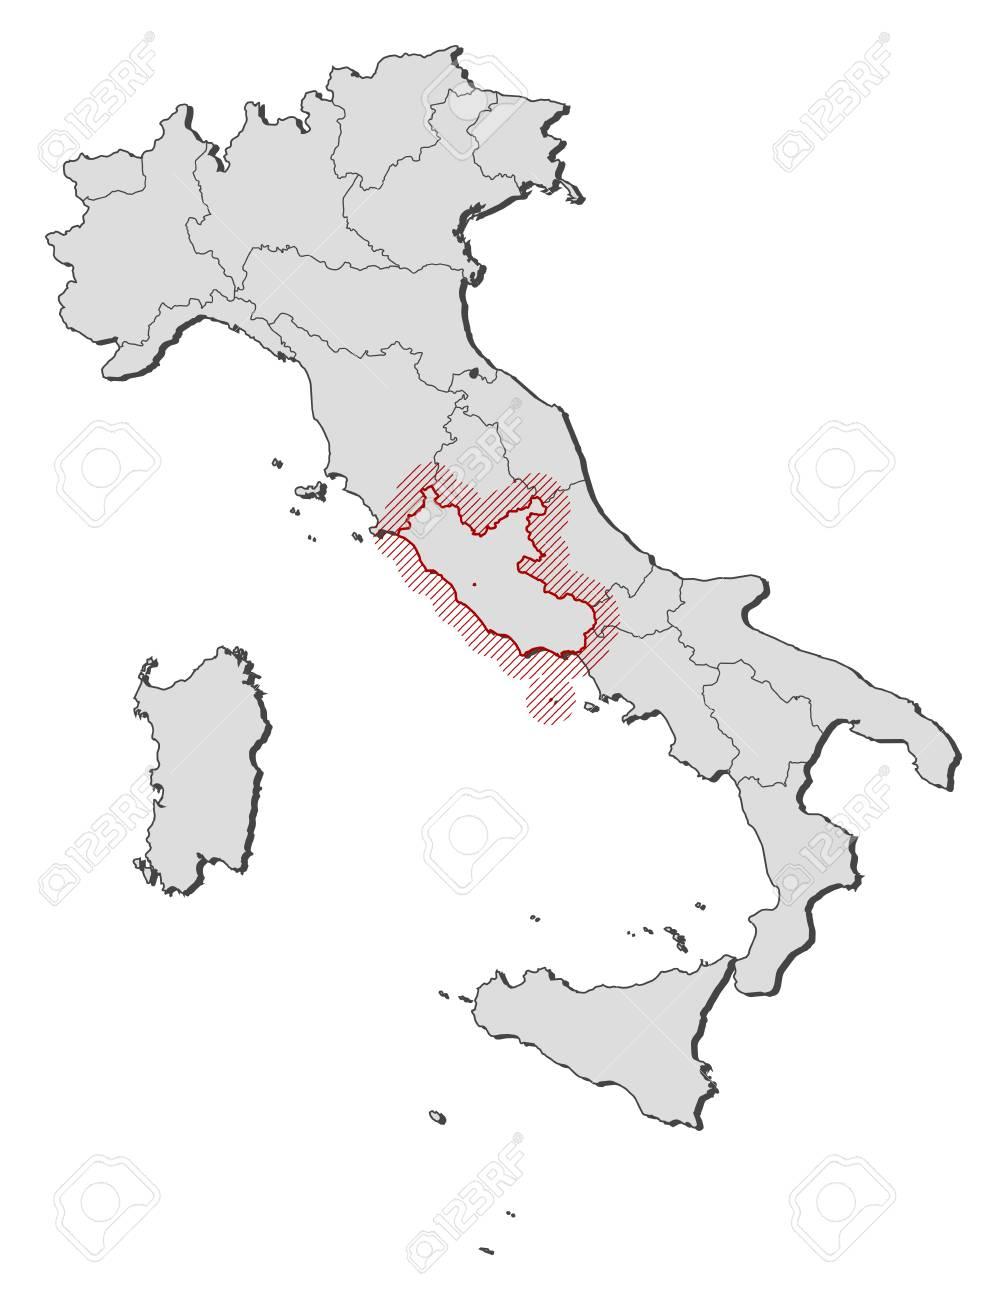 Cartina Italia E Province.Vettoriale Mappa D Italia Con Le Province Lazio E Evidenziato Da Un Tratteggio Image 58075389